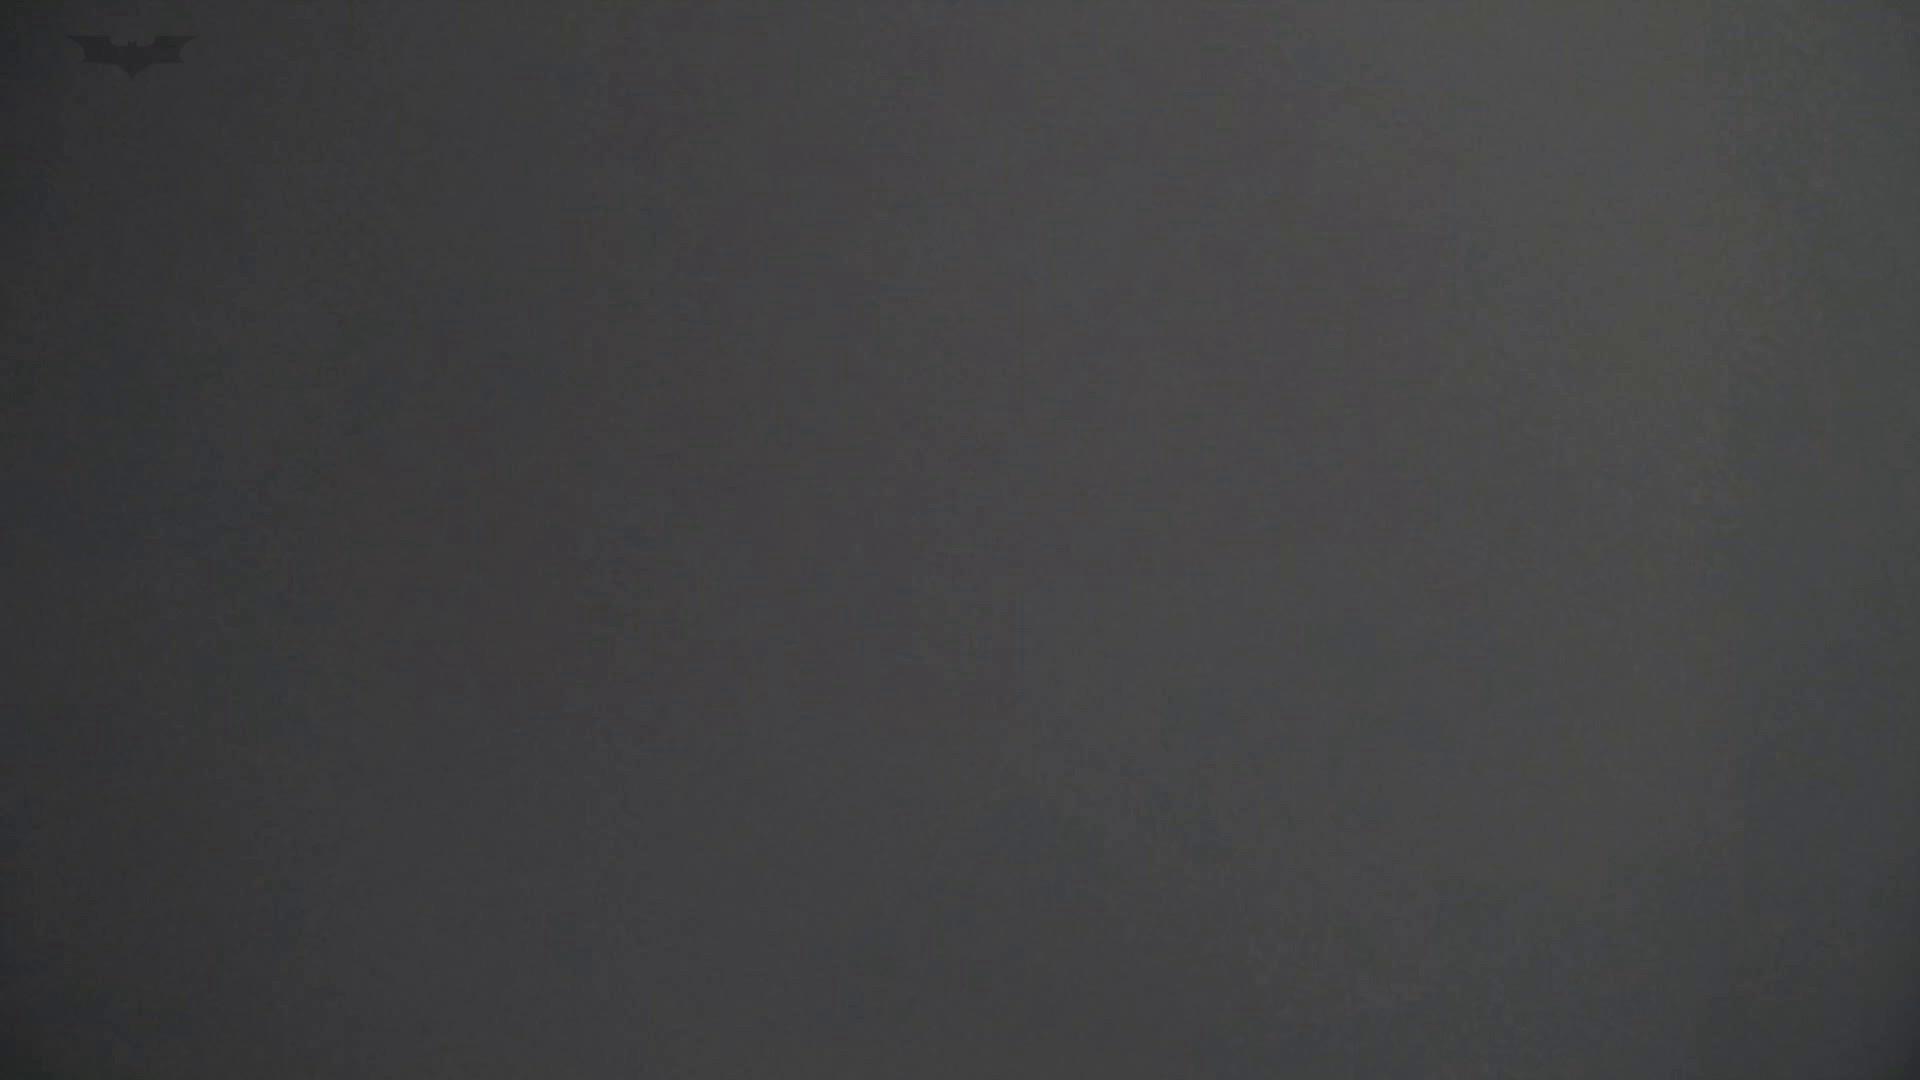 なんだこれVol.12 美魔女登場、 HD万歳!! 違いが判る映像美!! 洗面所 | 丸見えマンコ  20画像 12